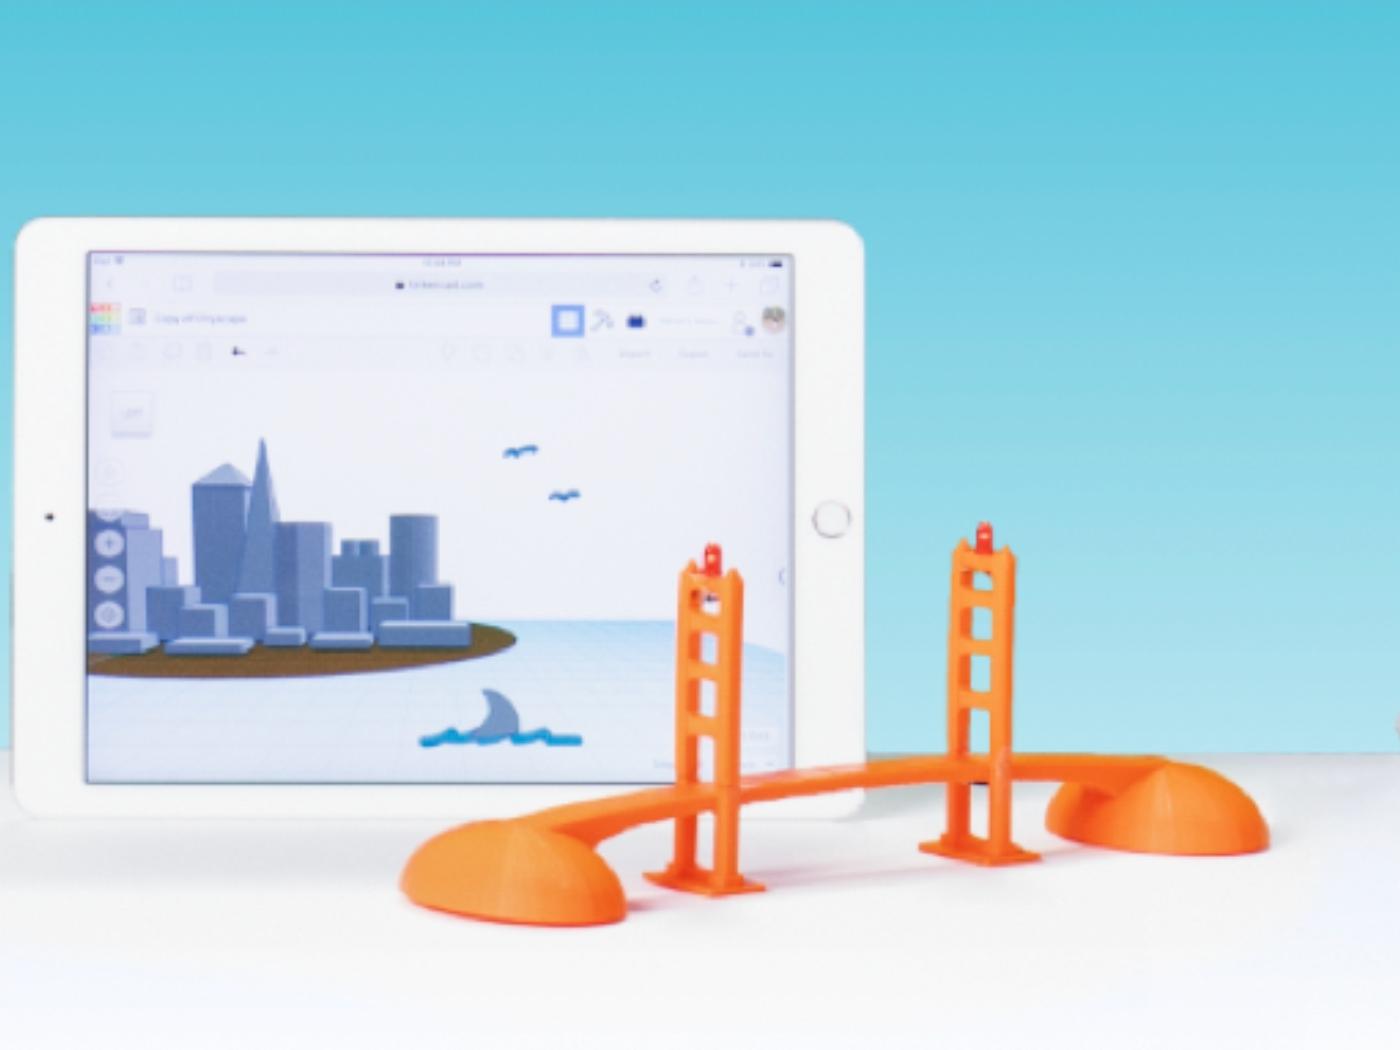 Ücretsiz 3 boyutlu tasarım programı Tınkercad iPad'de!